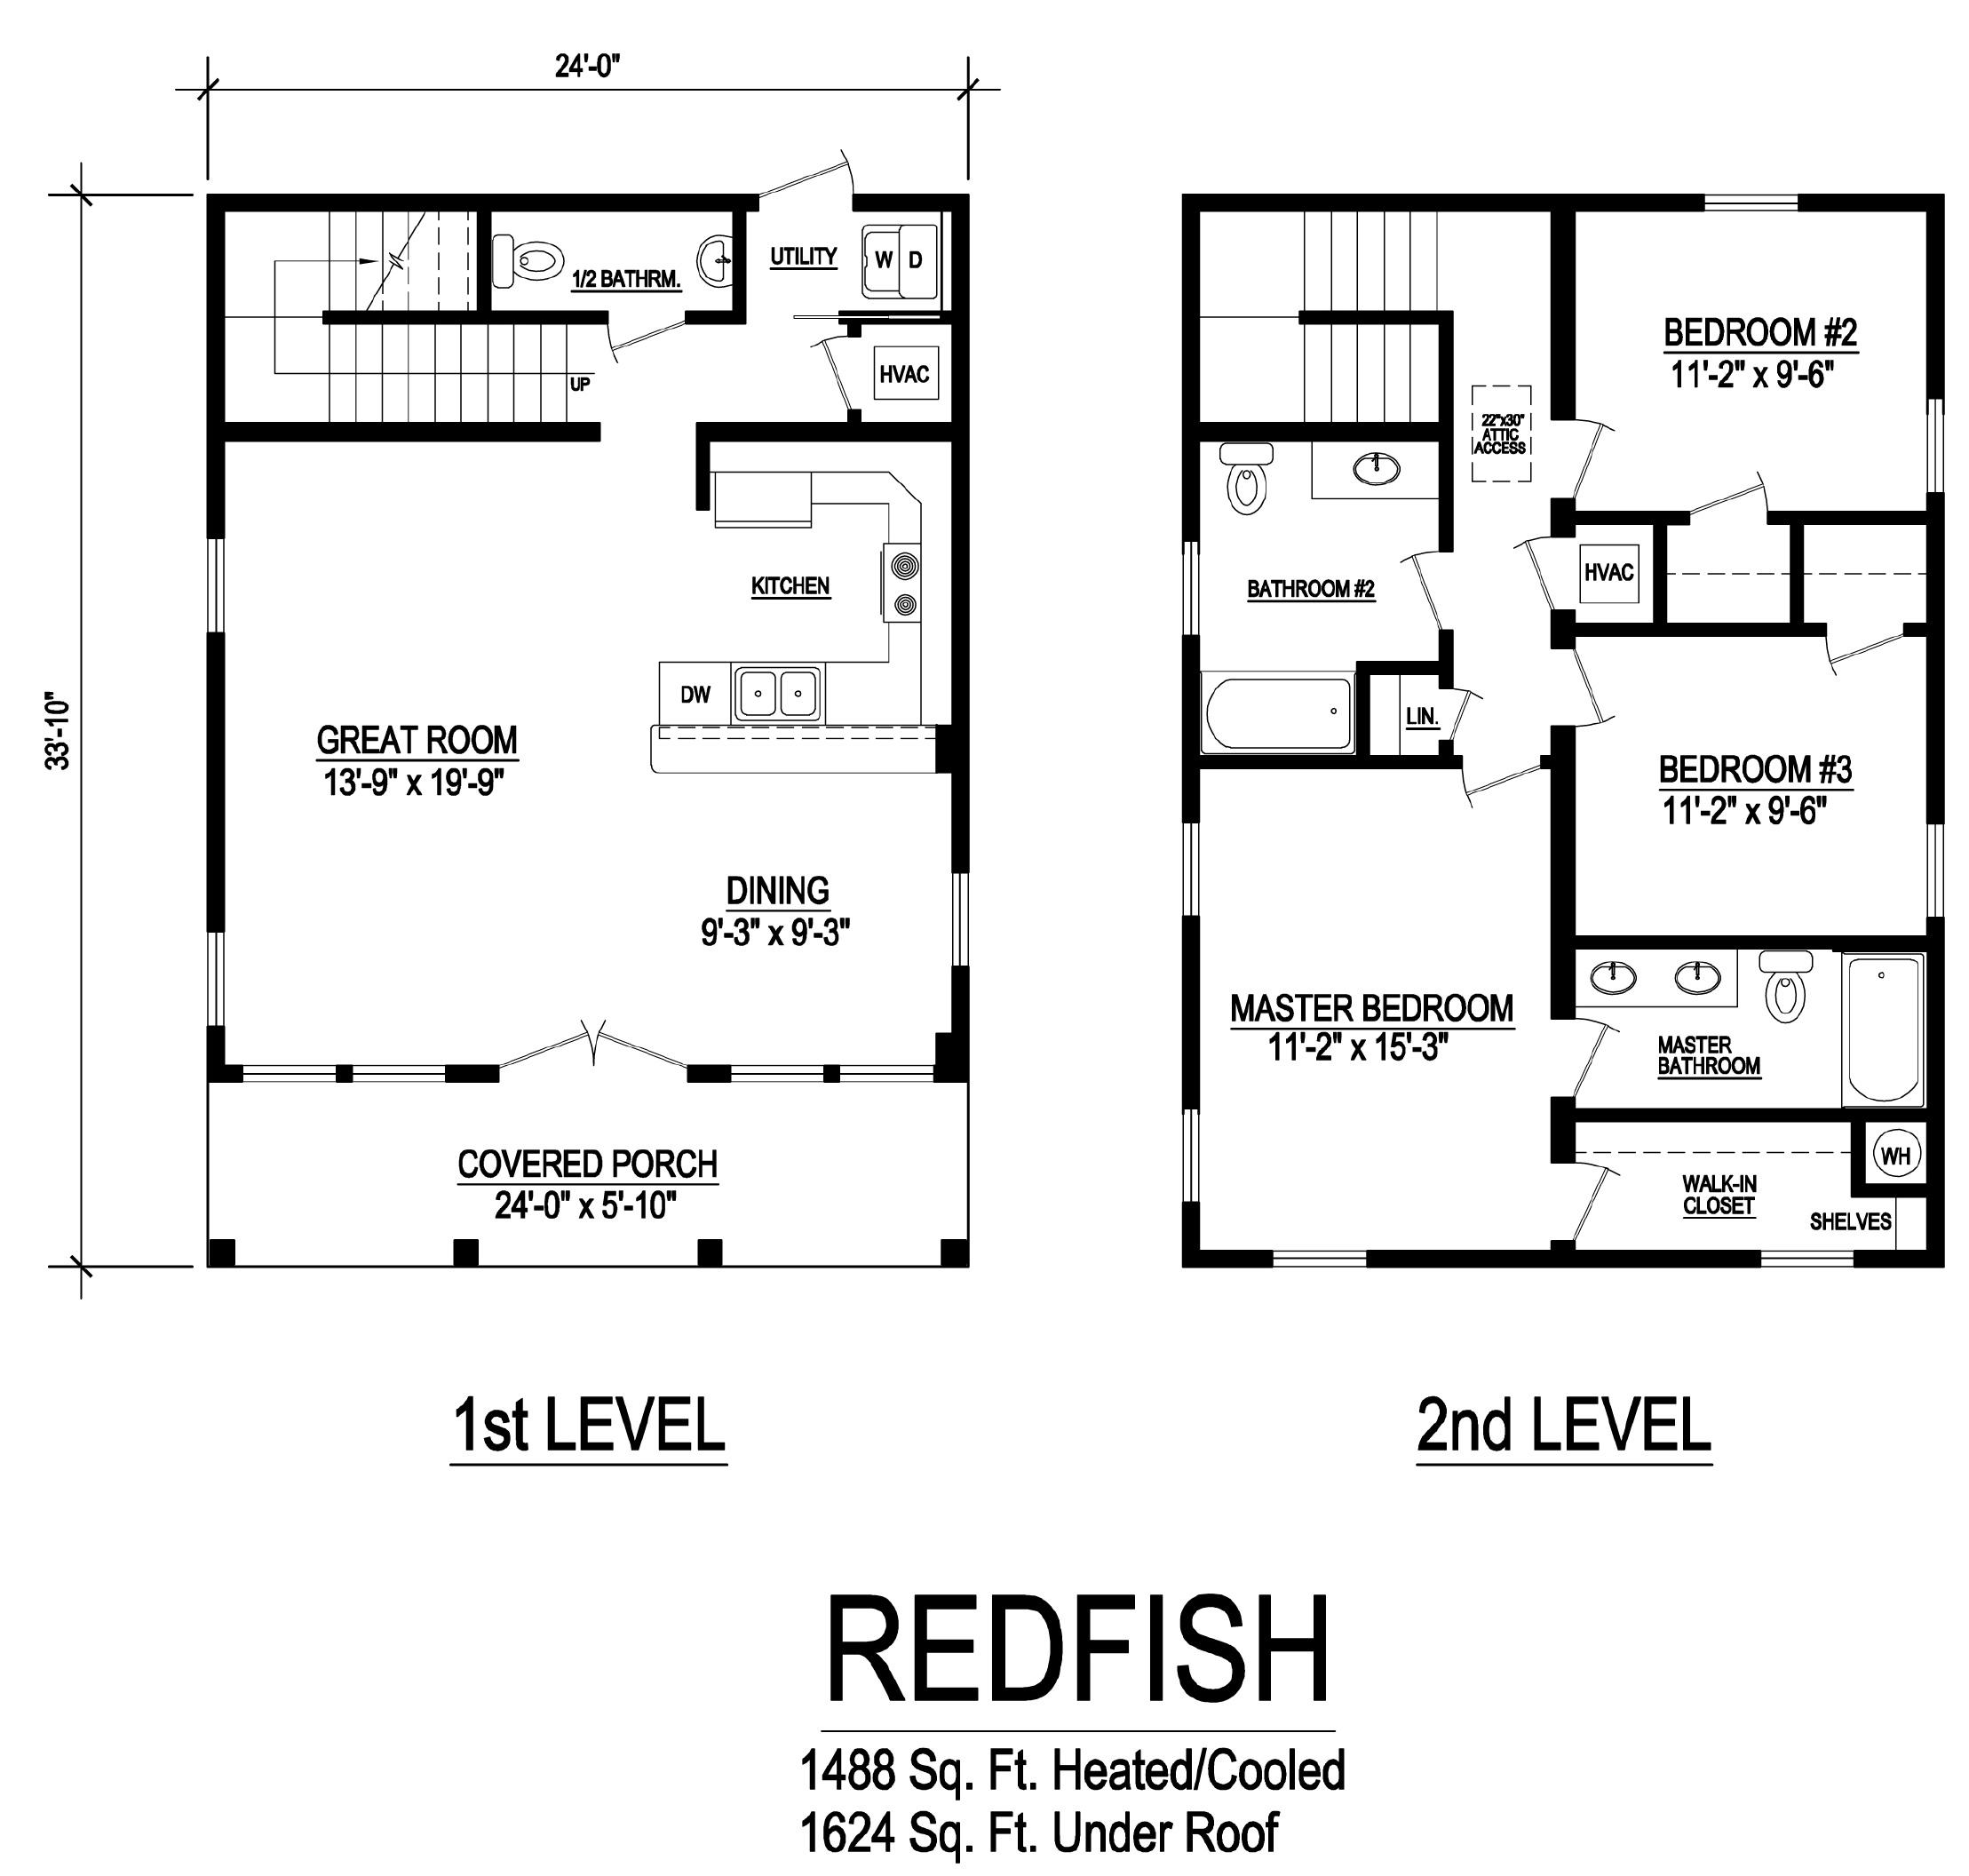 redfish modular home floorplan